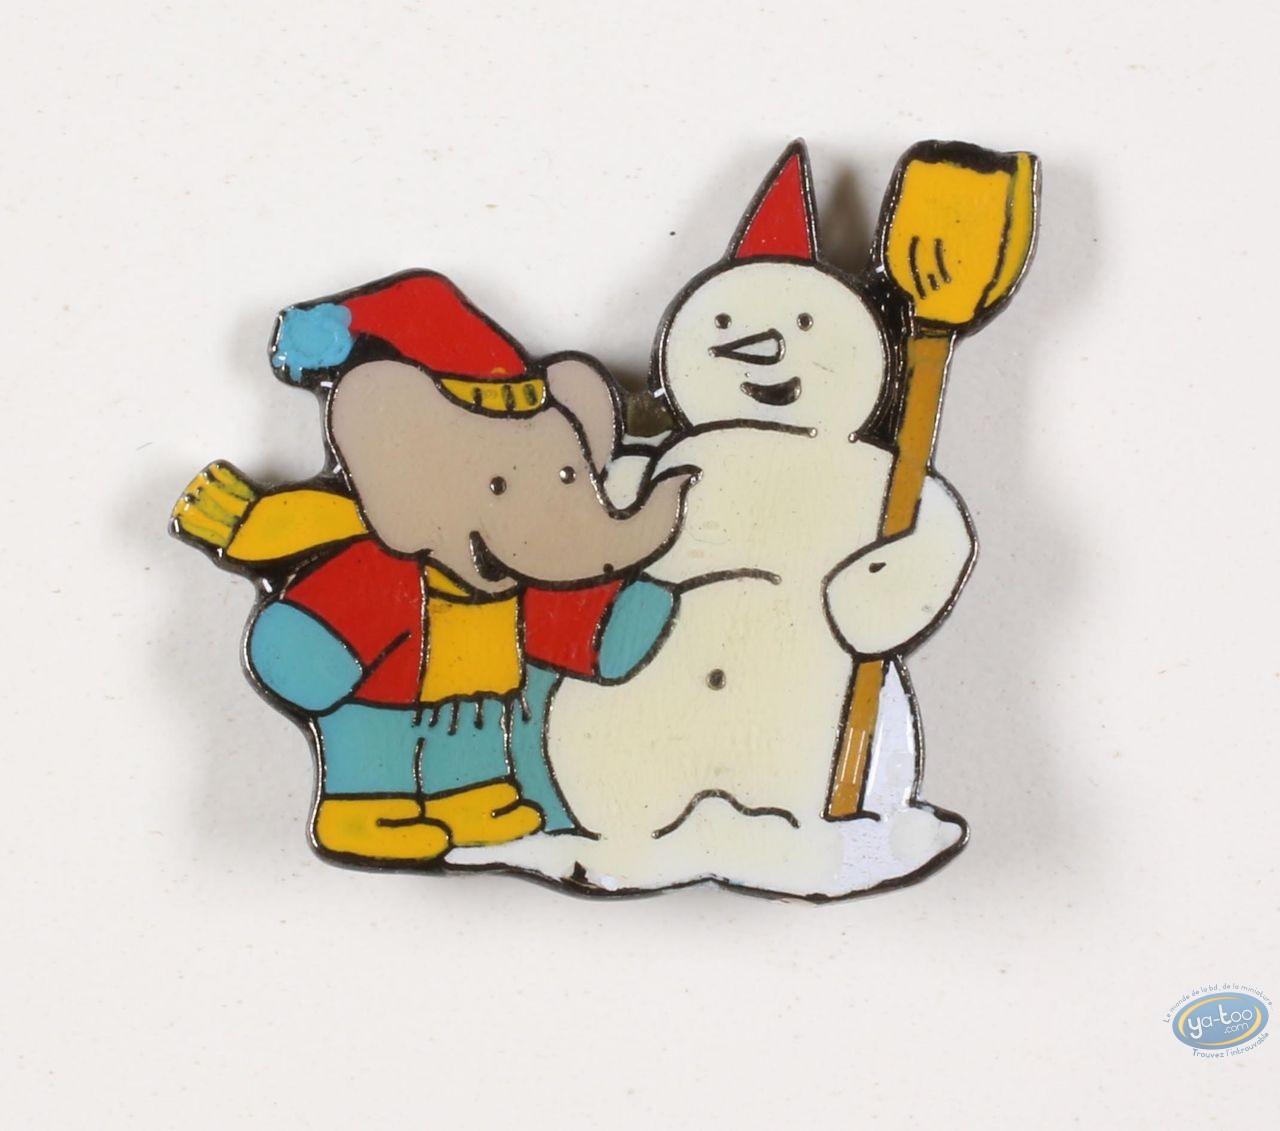 Pin's, Babar : Babar and the snowman